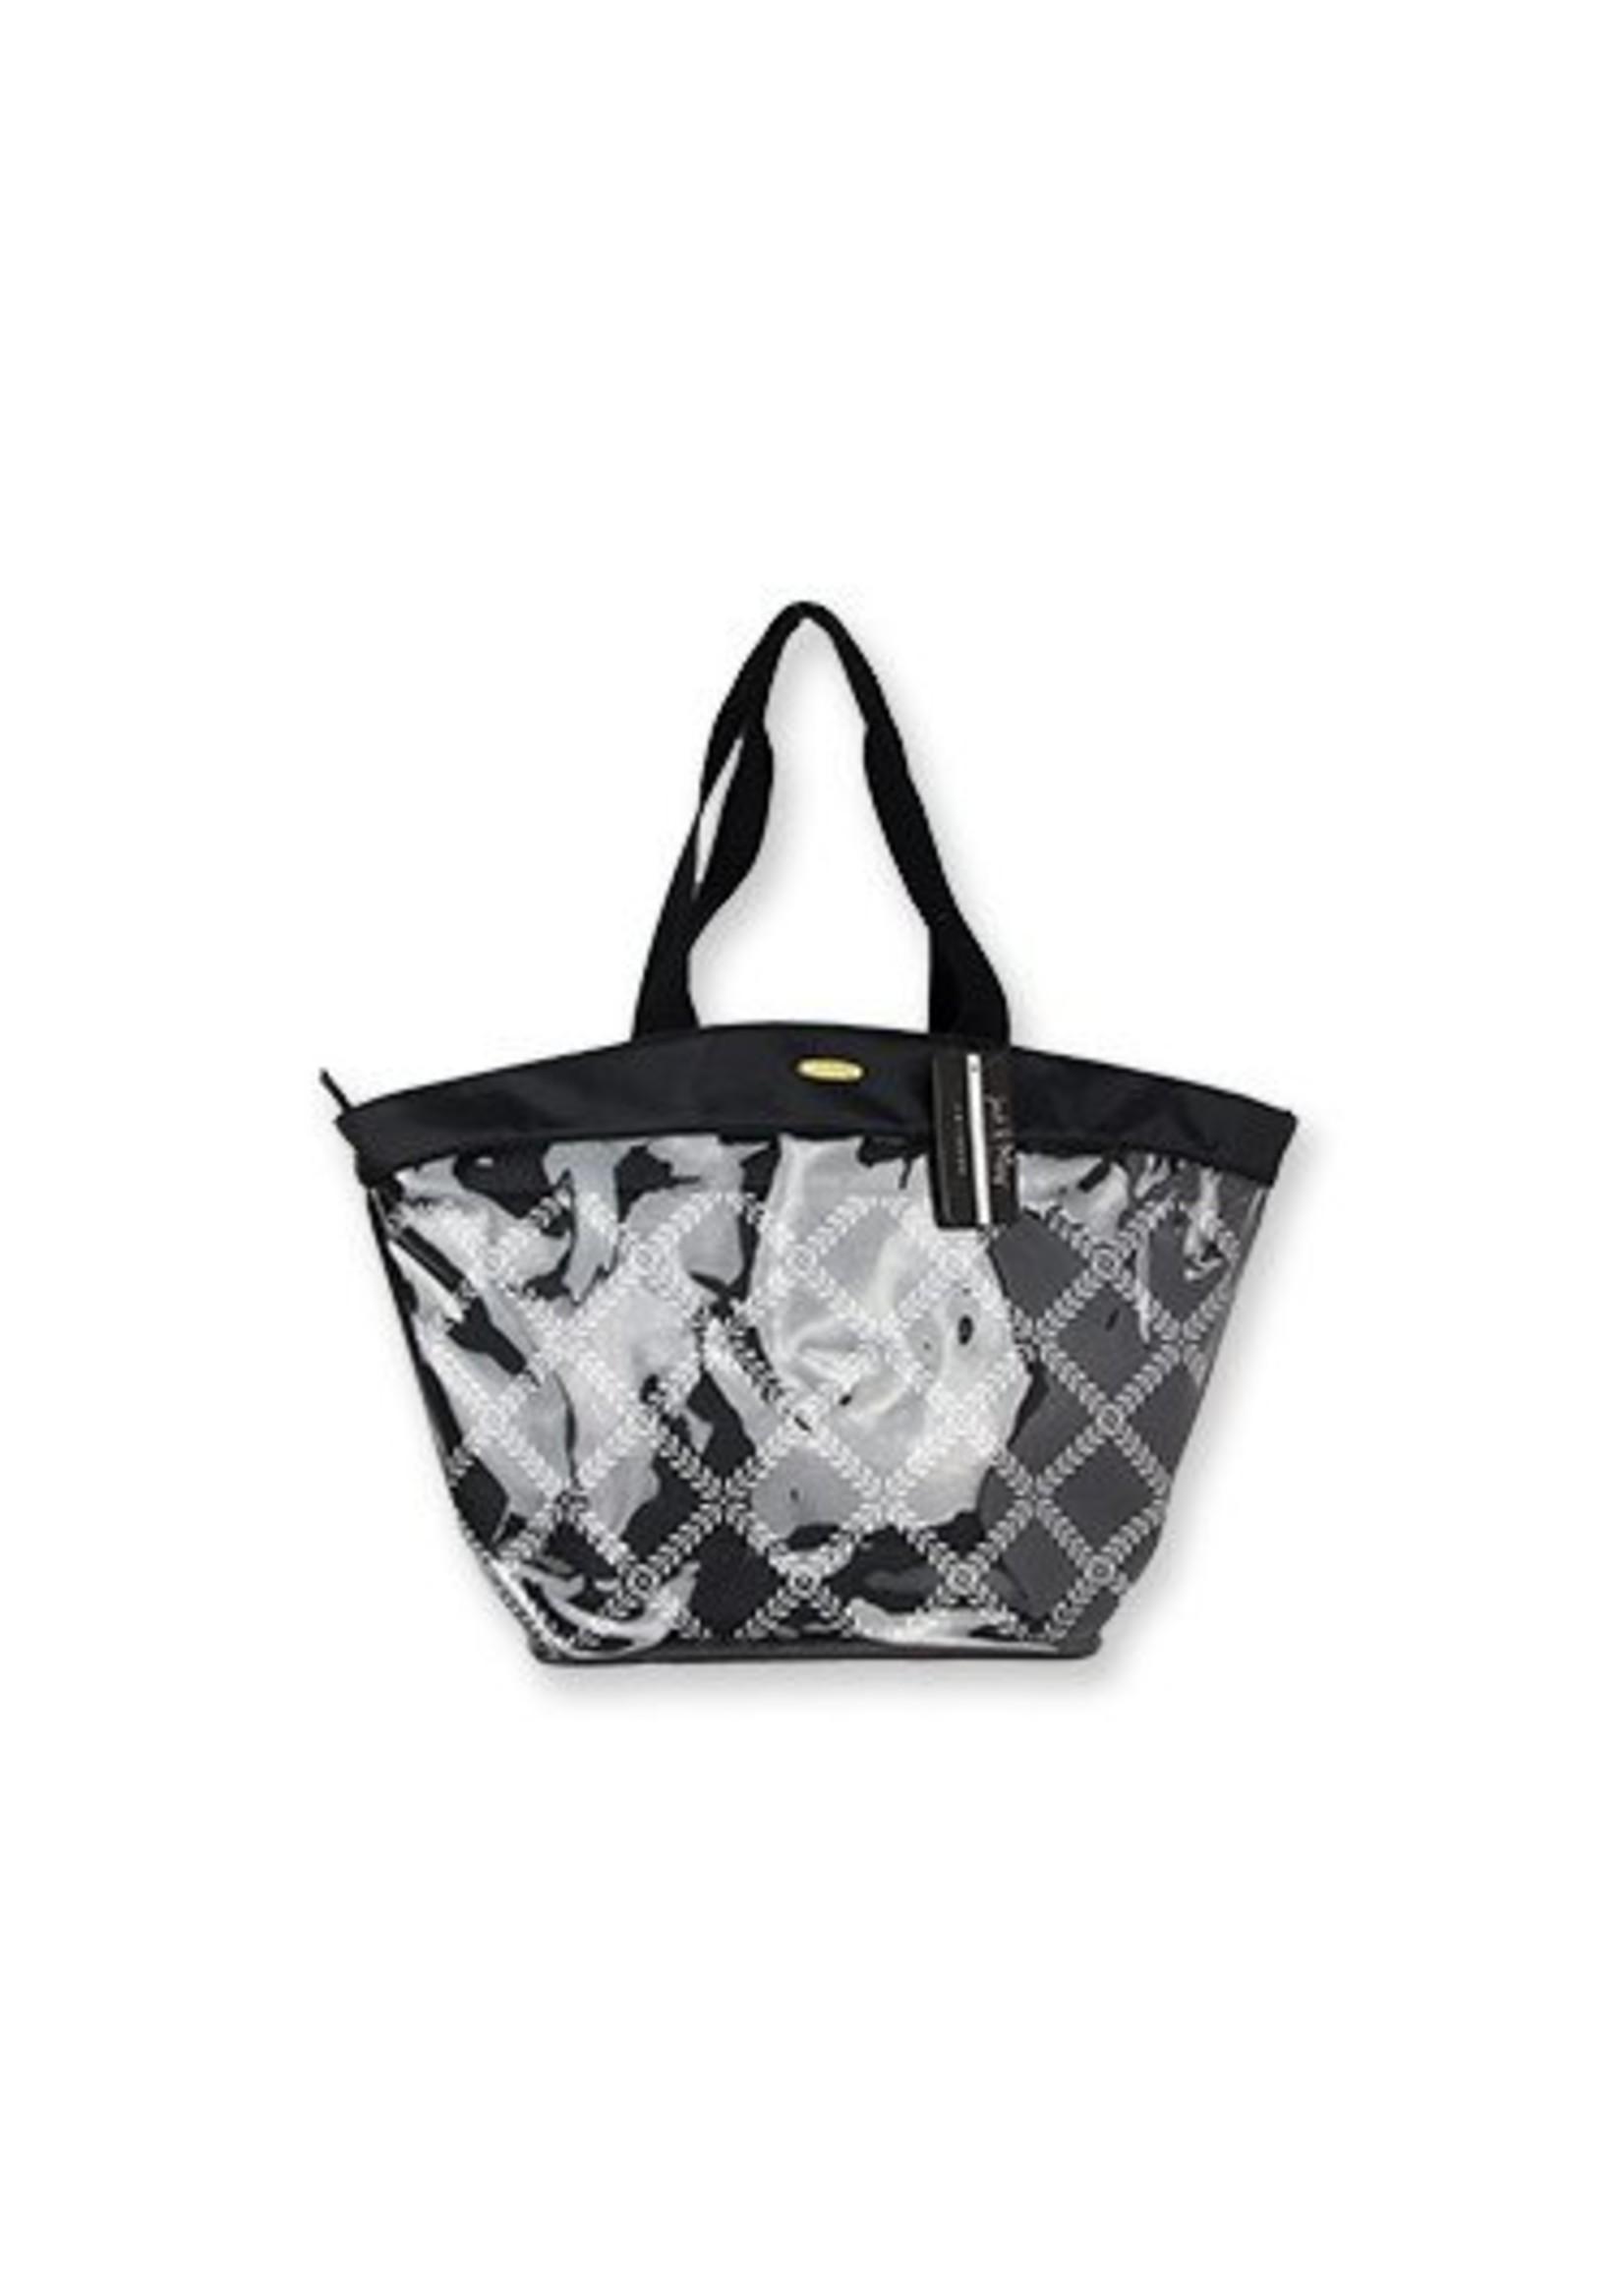 Jack & Missy 2-In-1 Tote Bag